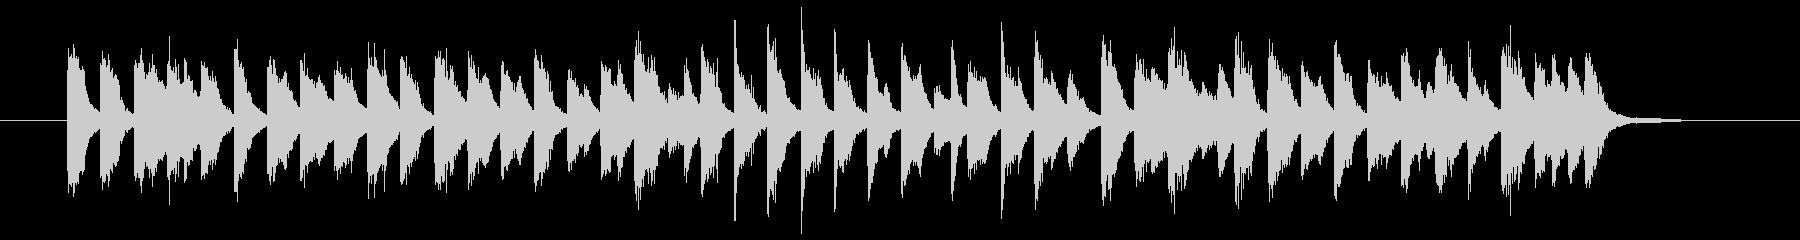 行進曲×古いジャズ(ピアノソロ)の未再生の波形